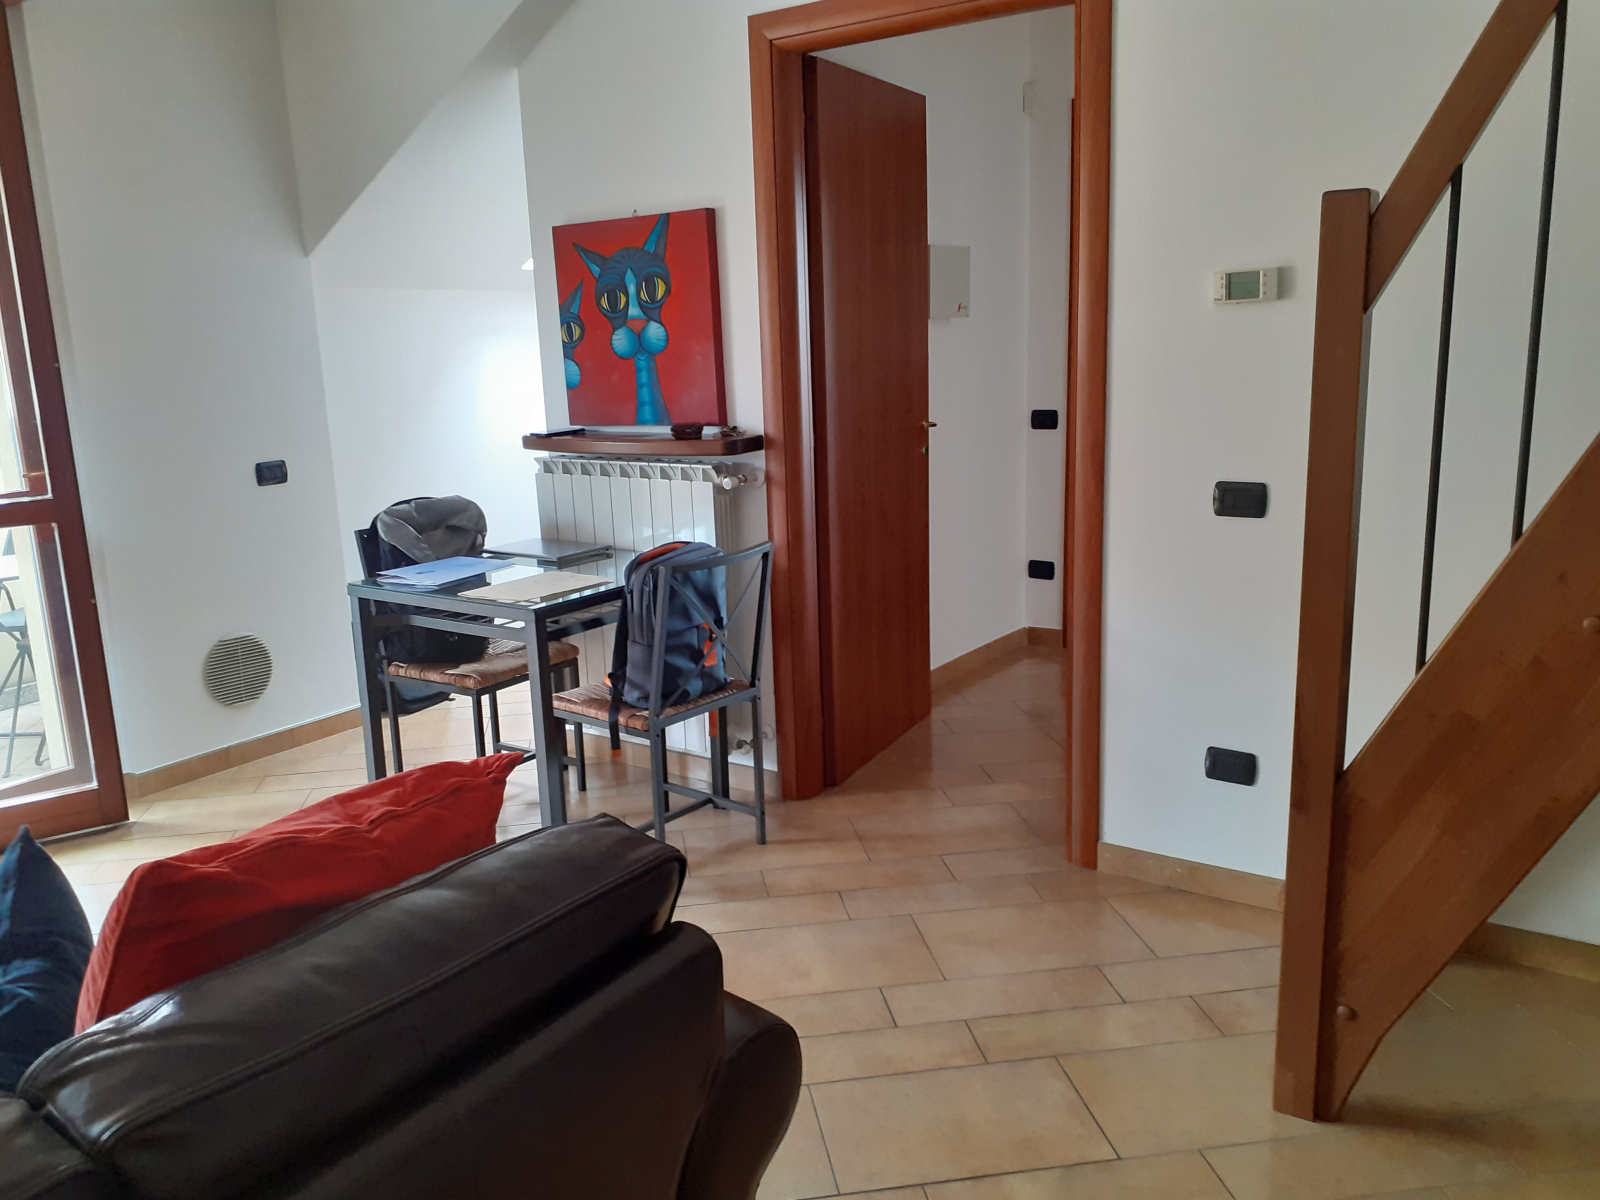 appartamento-in-vendita-bareggio-2-locali-bilocale-spaziourbano-immobiliare-vende-15